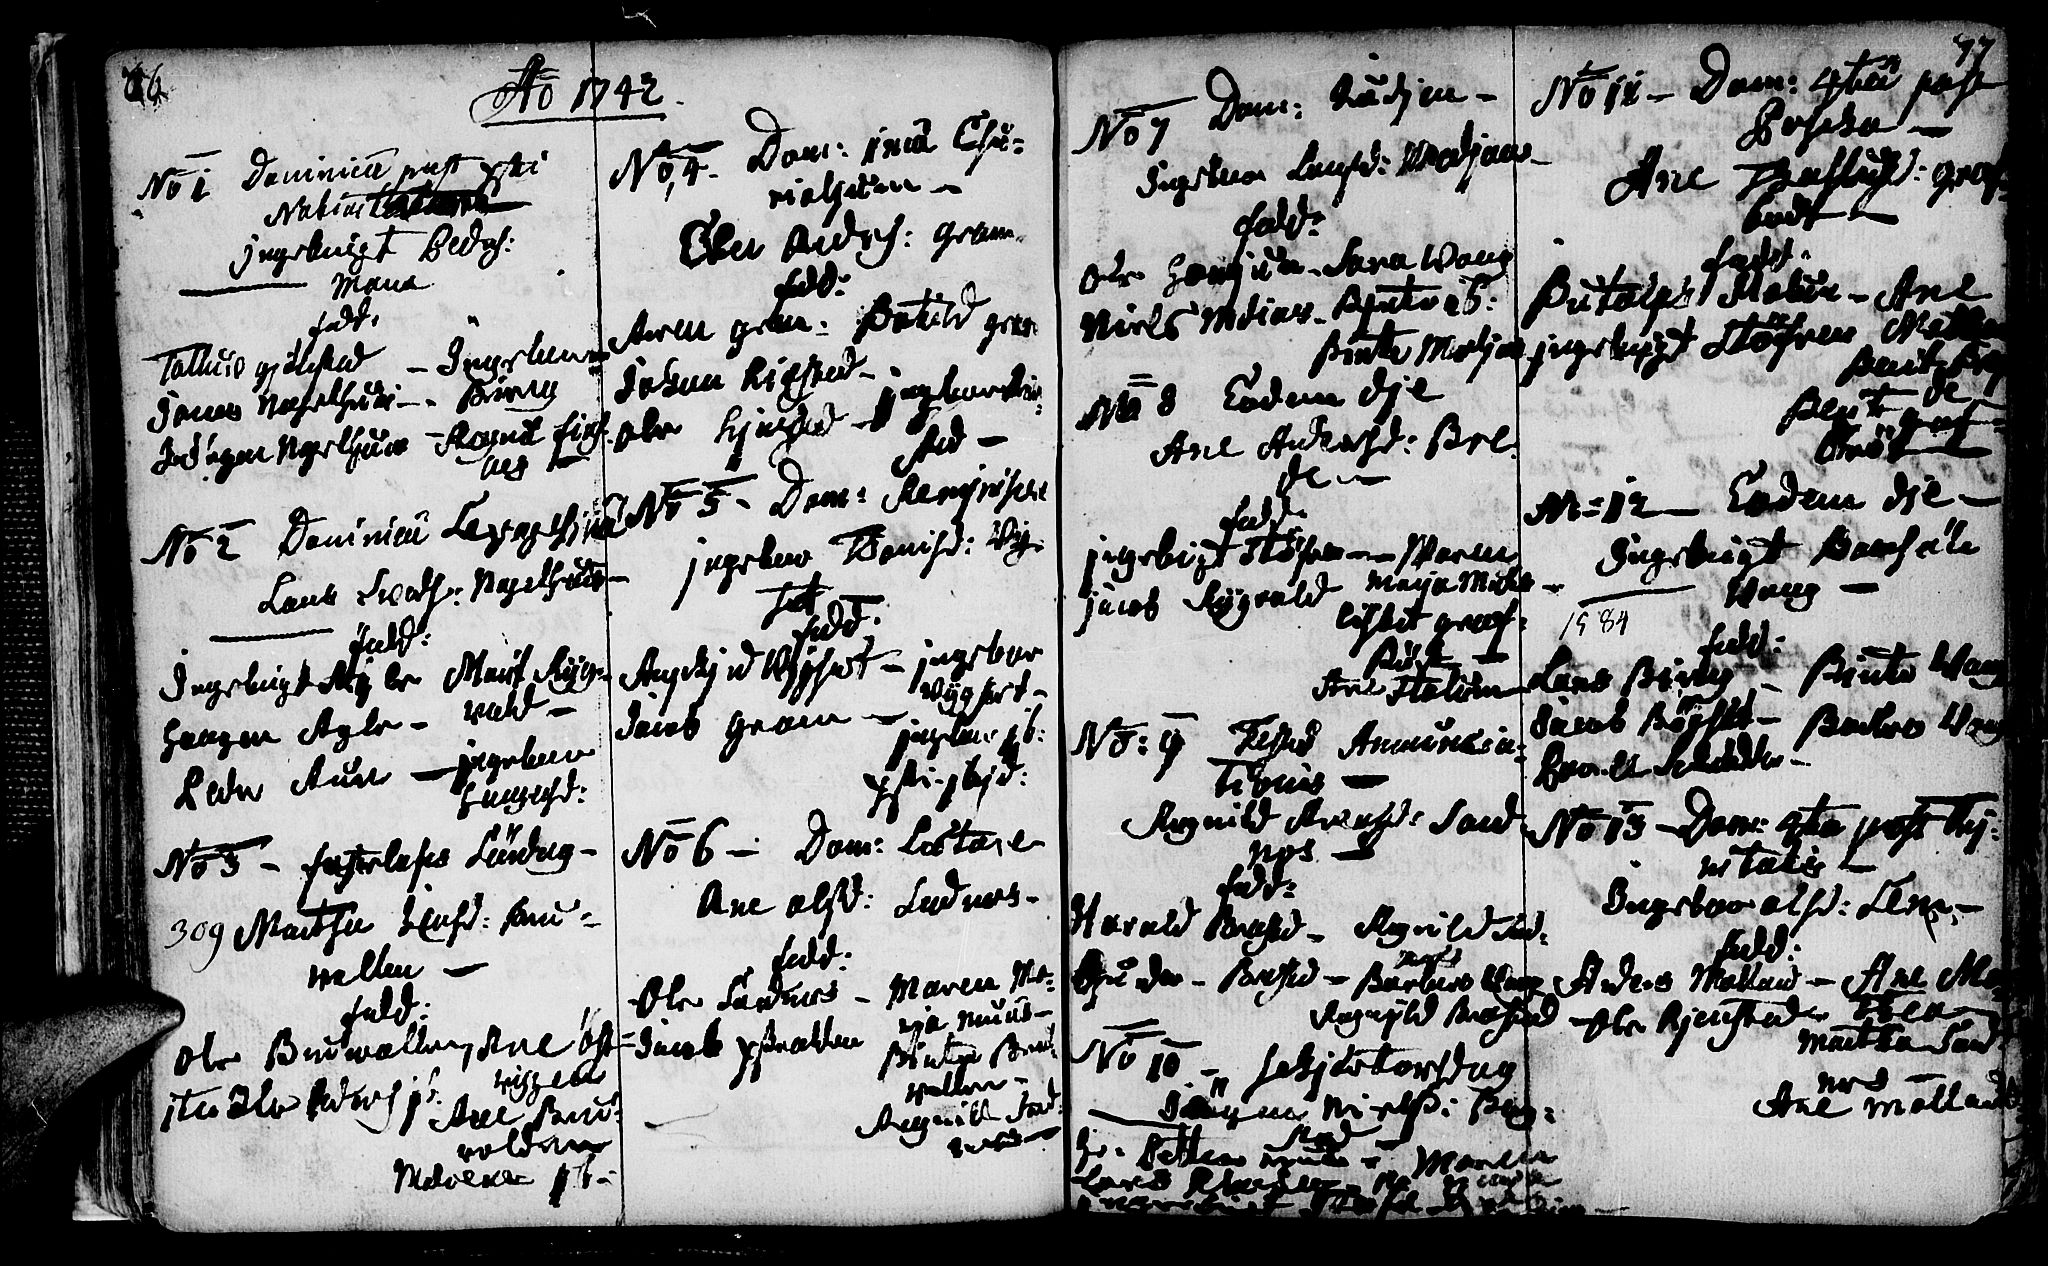 SAT, Ministerialprotokoller, klokkerbøker og fødselsregistre - Nord-Trøndelag, 749/L0467: Ministerialbok nr. 749A01, 1733-1787, s. 76-77